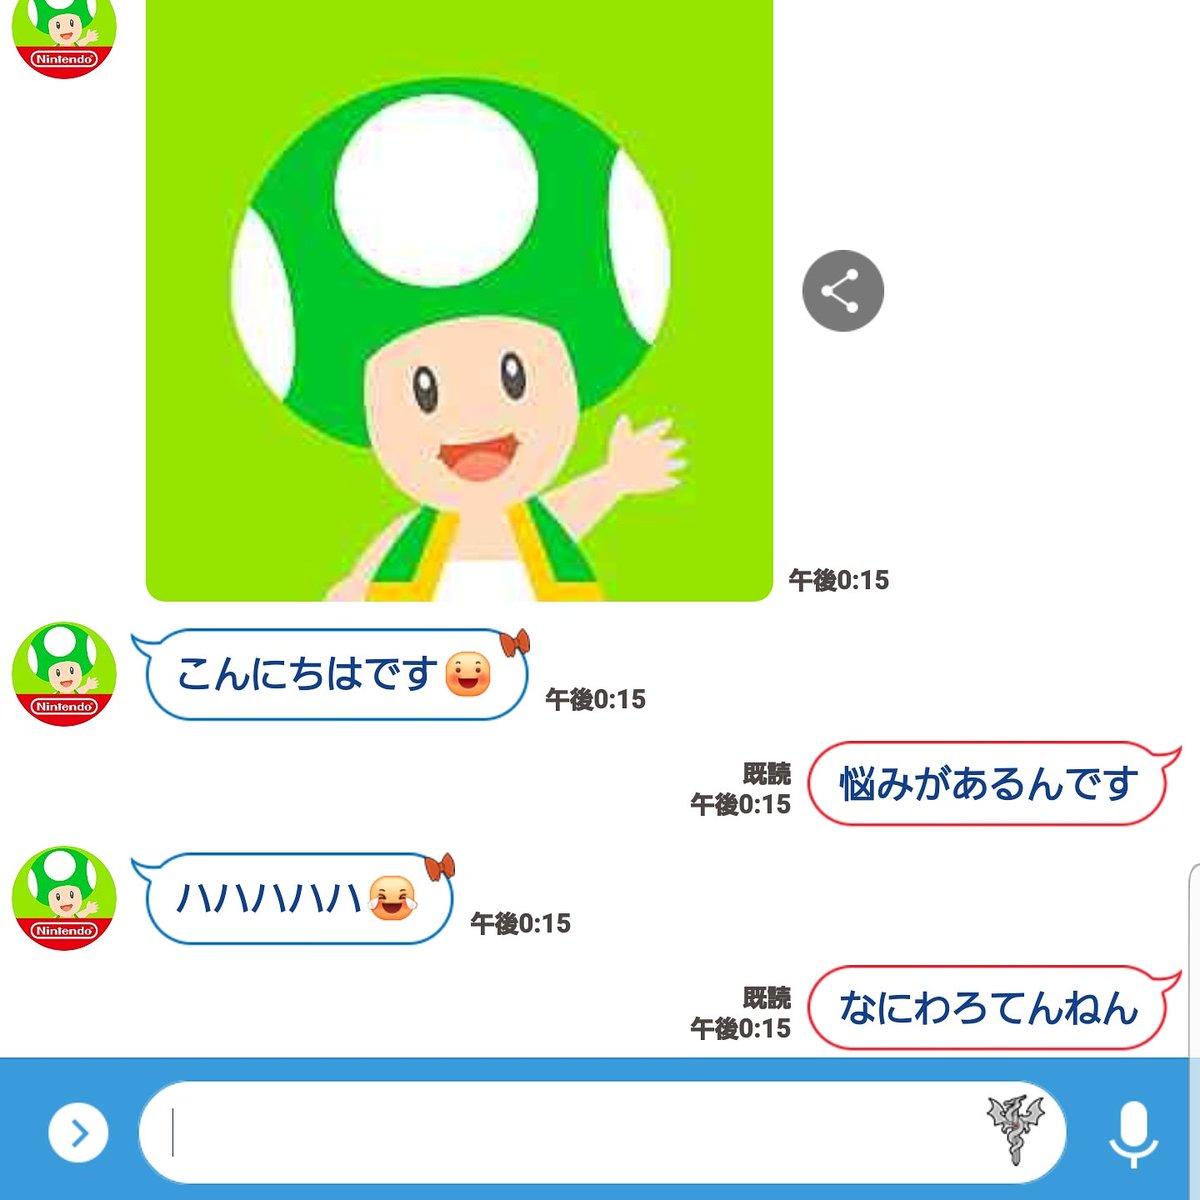 三ヶ木 Mikage これはワロタ バズれ Line キノピオくん Nintendo ニンテンドー 任天堂 面白画像 おもしろ画像